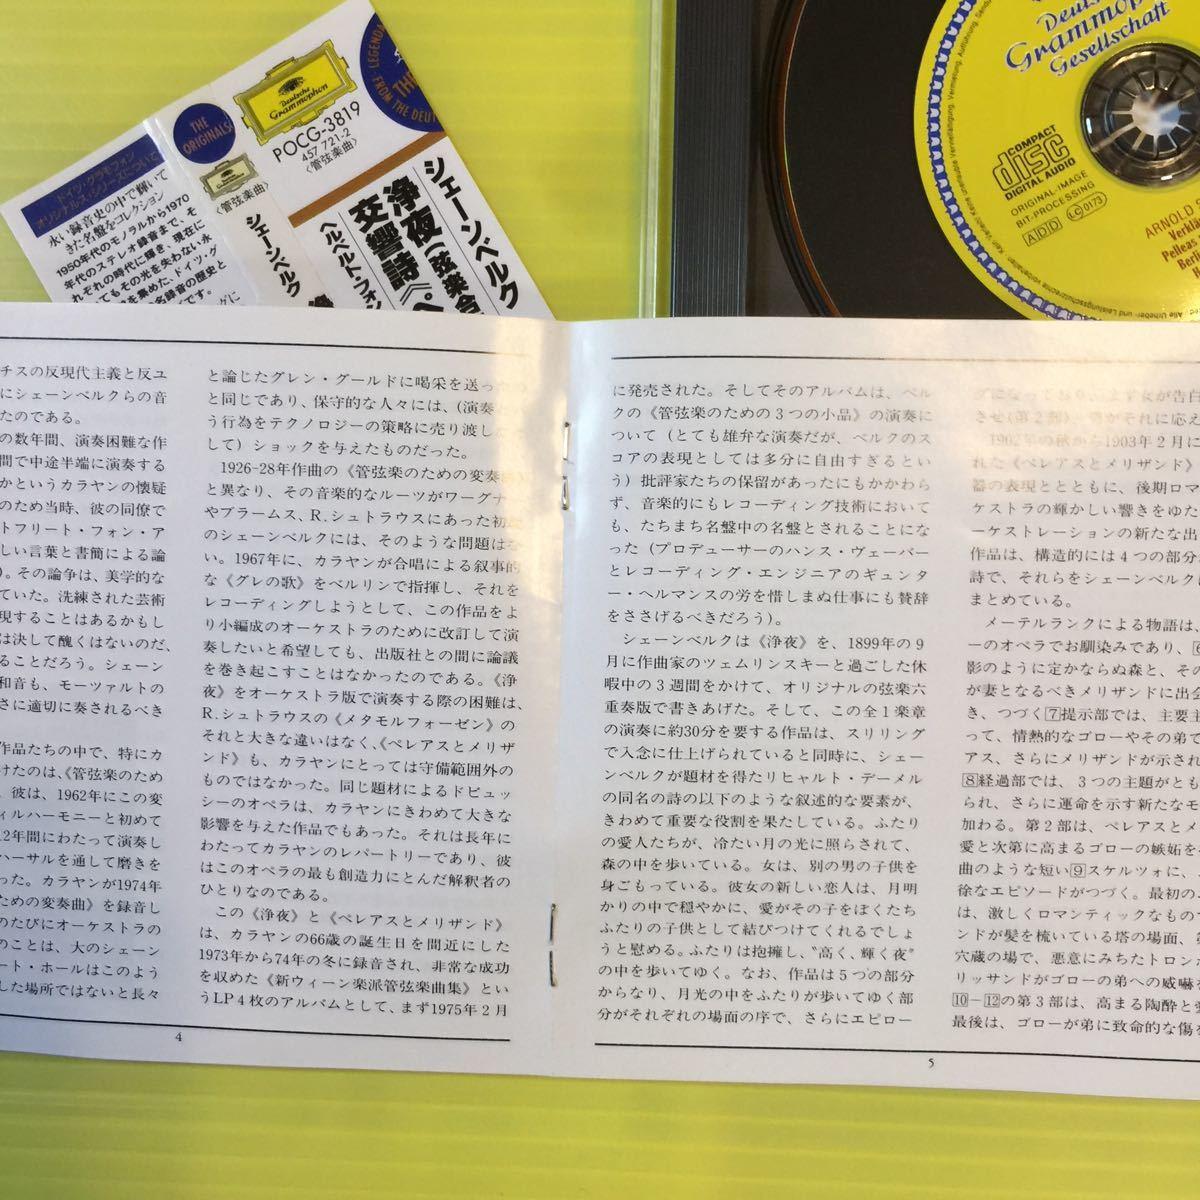 ◆シェーンベルク 浄夜 /ペレアスとメリザンド ◆ カラヤン ベルリン・フィルハーモニー管弦楽団 (CD)【型番号】POCG-3819_画像6